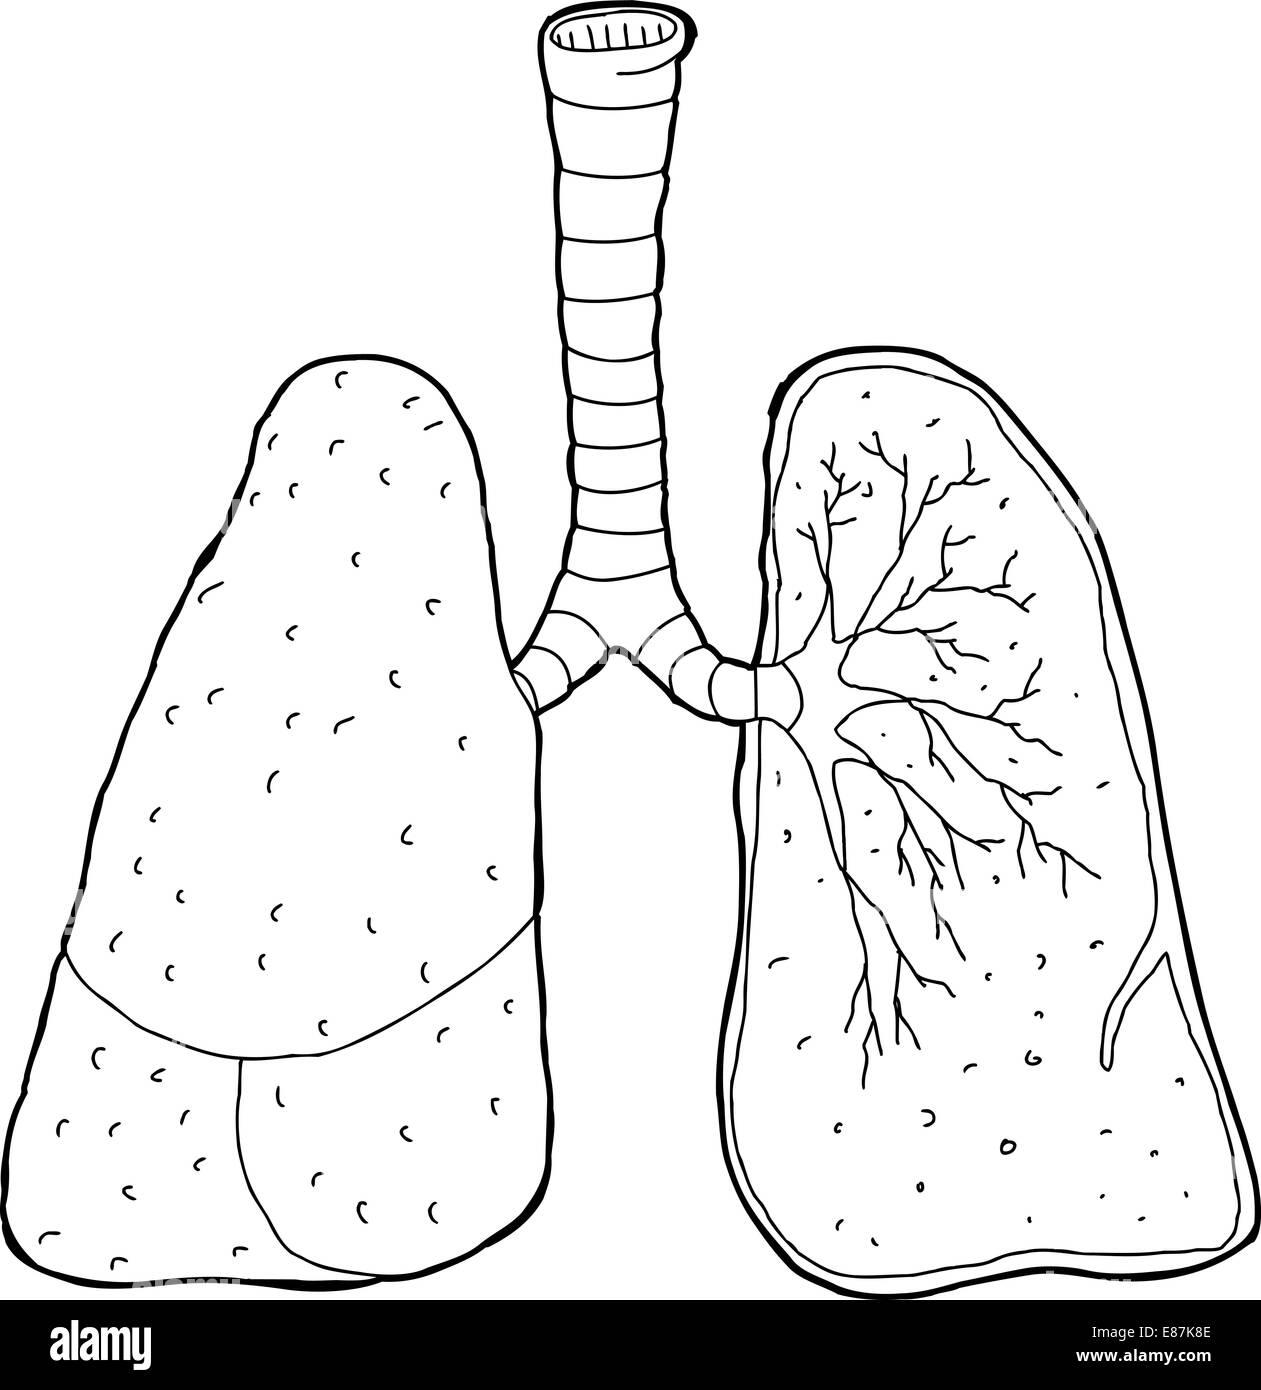 Querschnitt der menschlichen Lunge und Luftröhre zeichnen Stockfoto ...